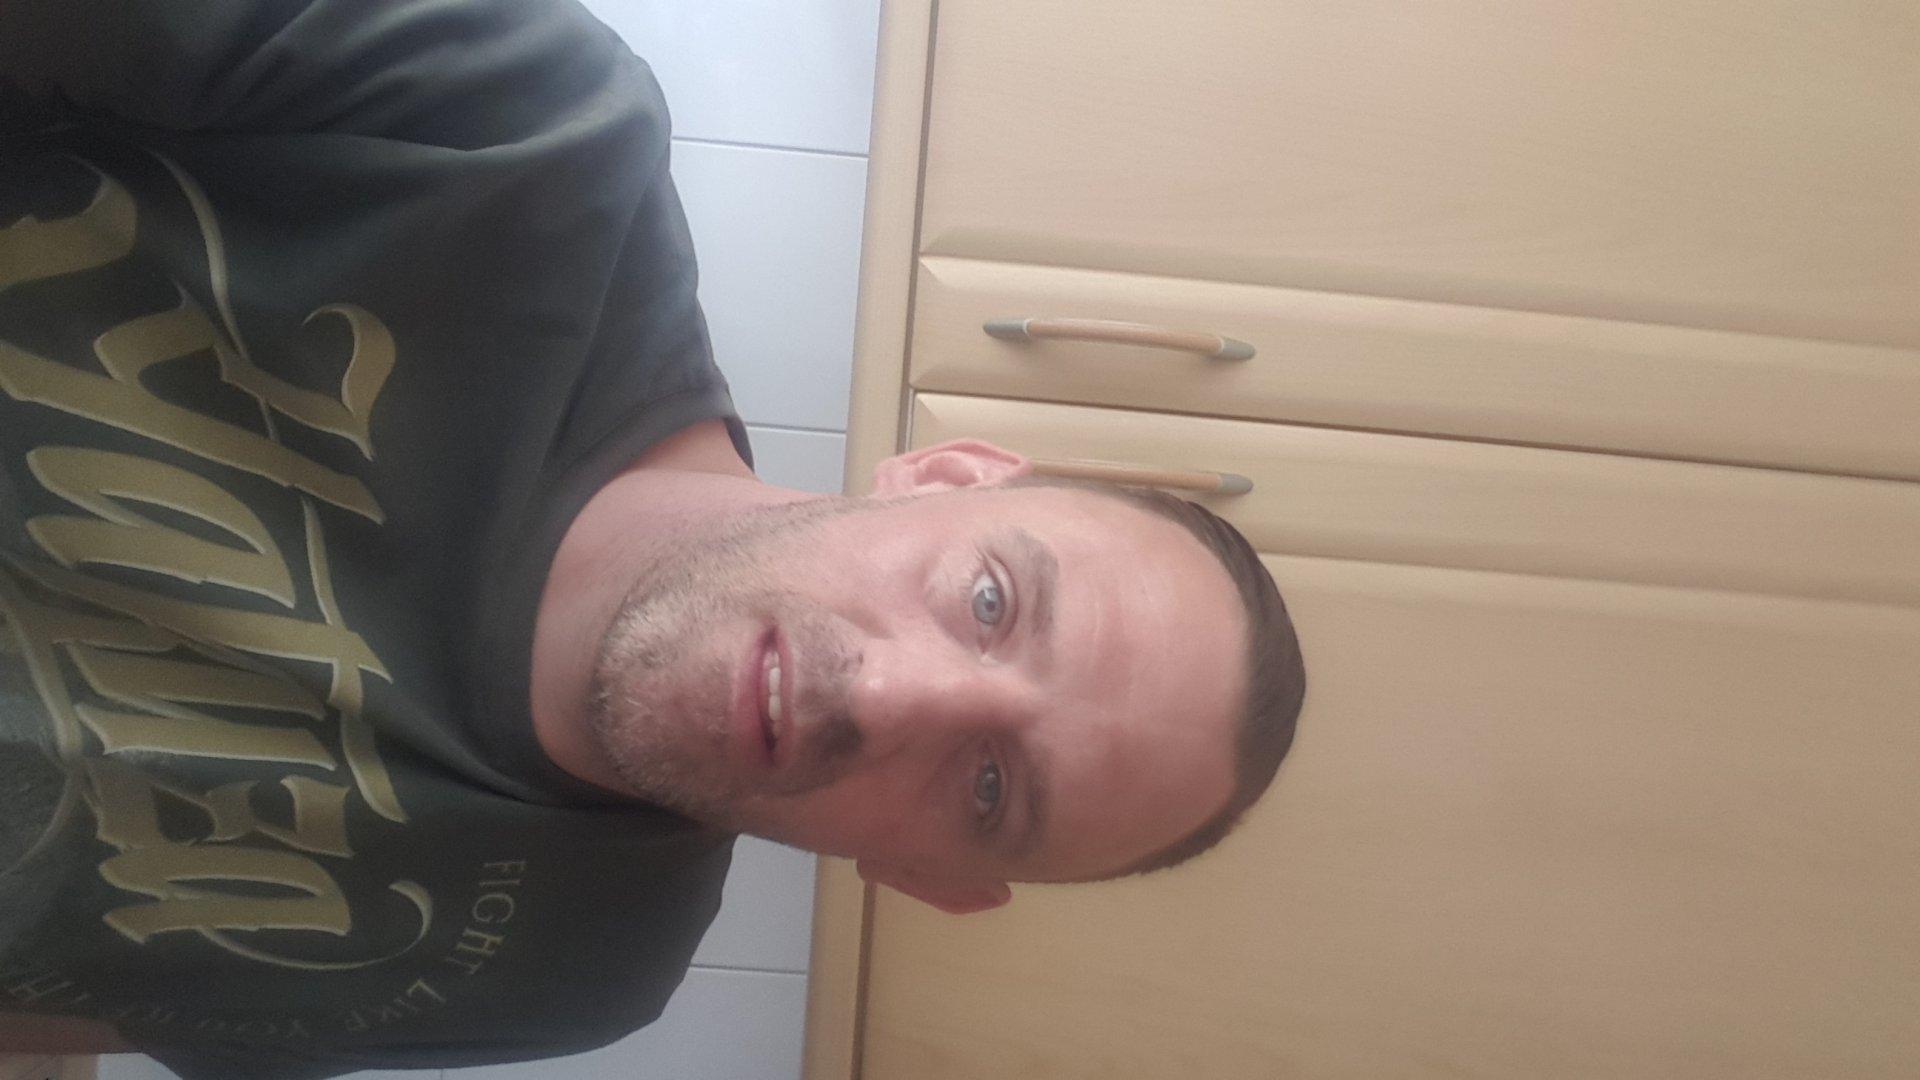 Stephano aus Nordrhein-Westfalen,Deutschland